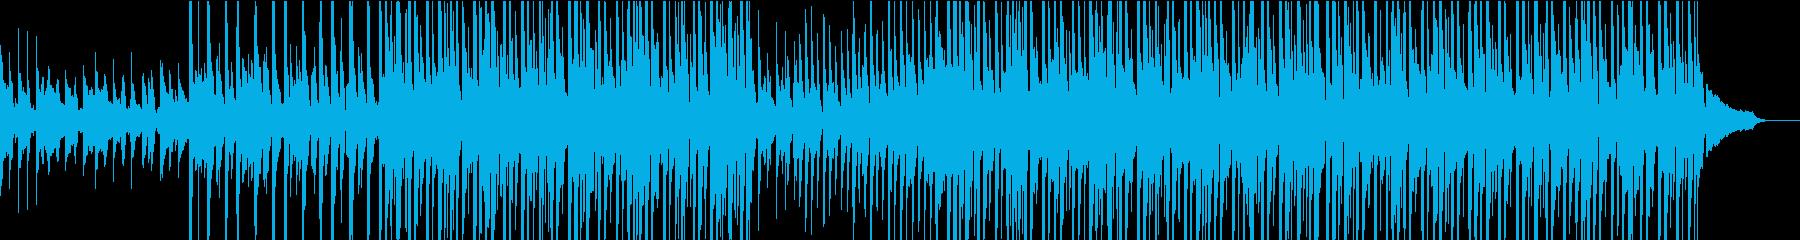 Funk Musicの再生済みの波形